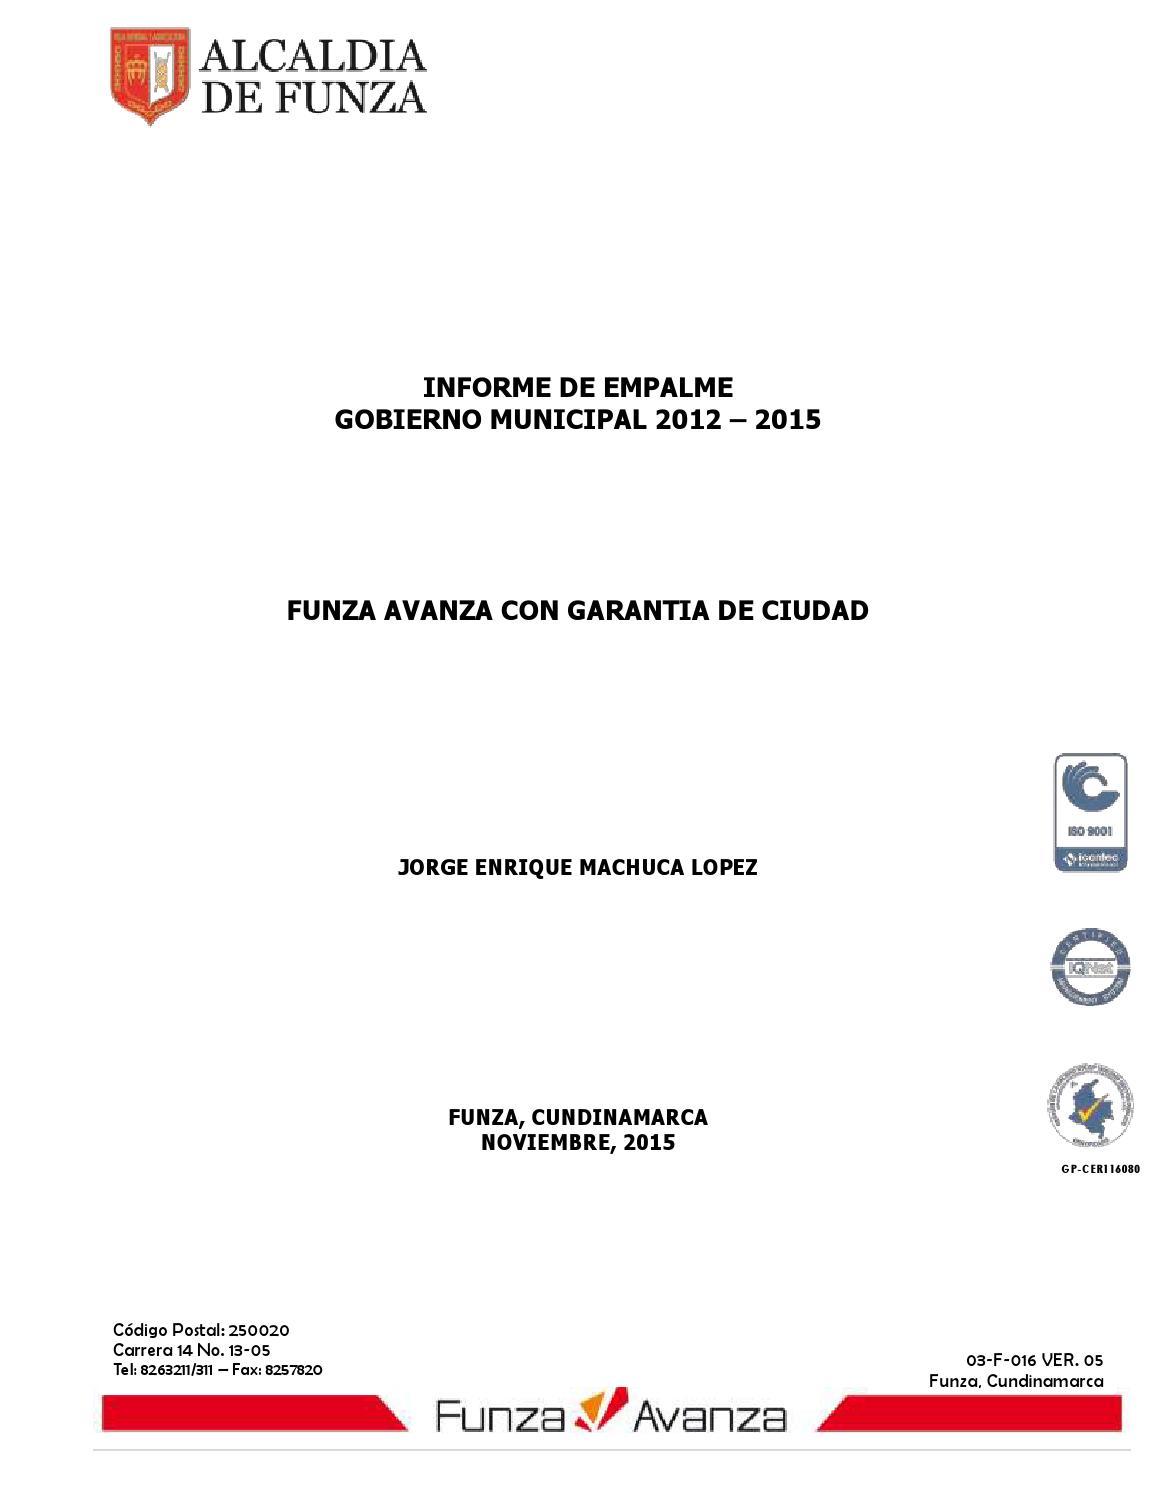 Informe empalme 2012 -2015 by Oficina de Prensa Funza - issuu